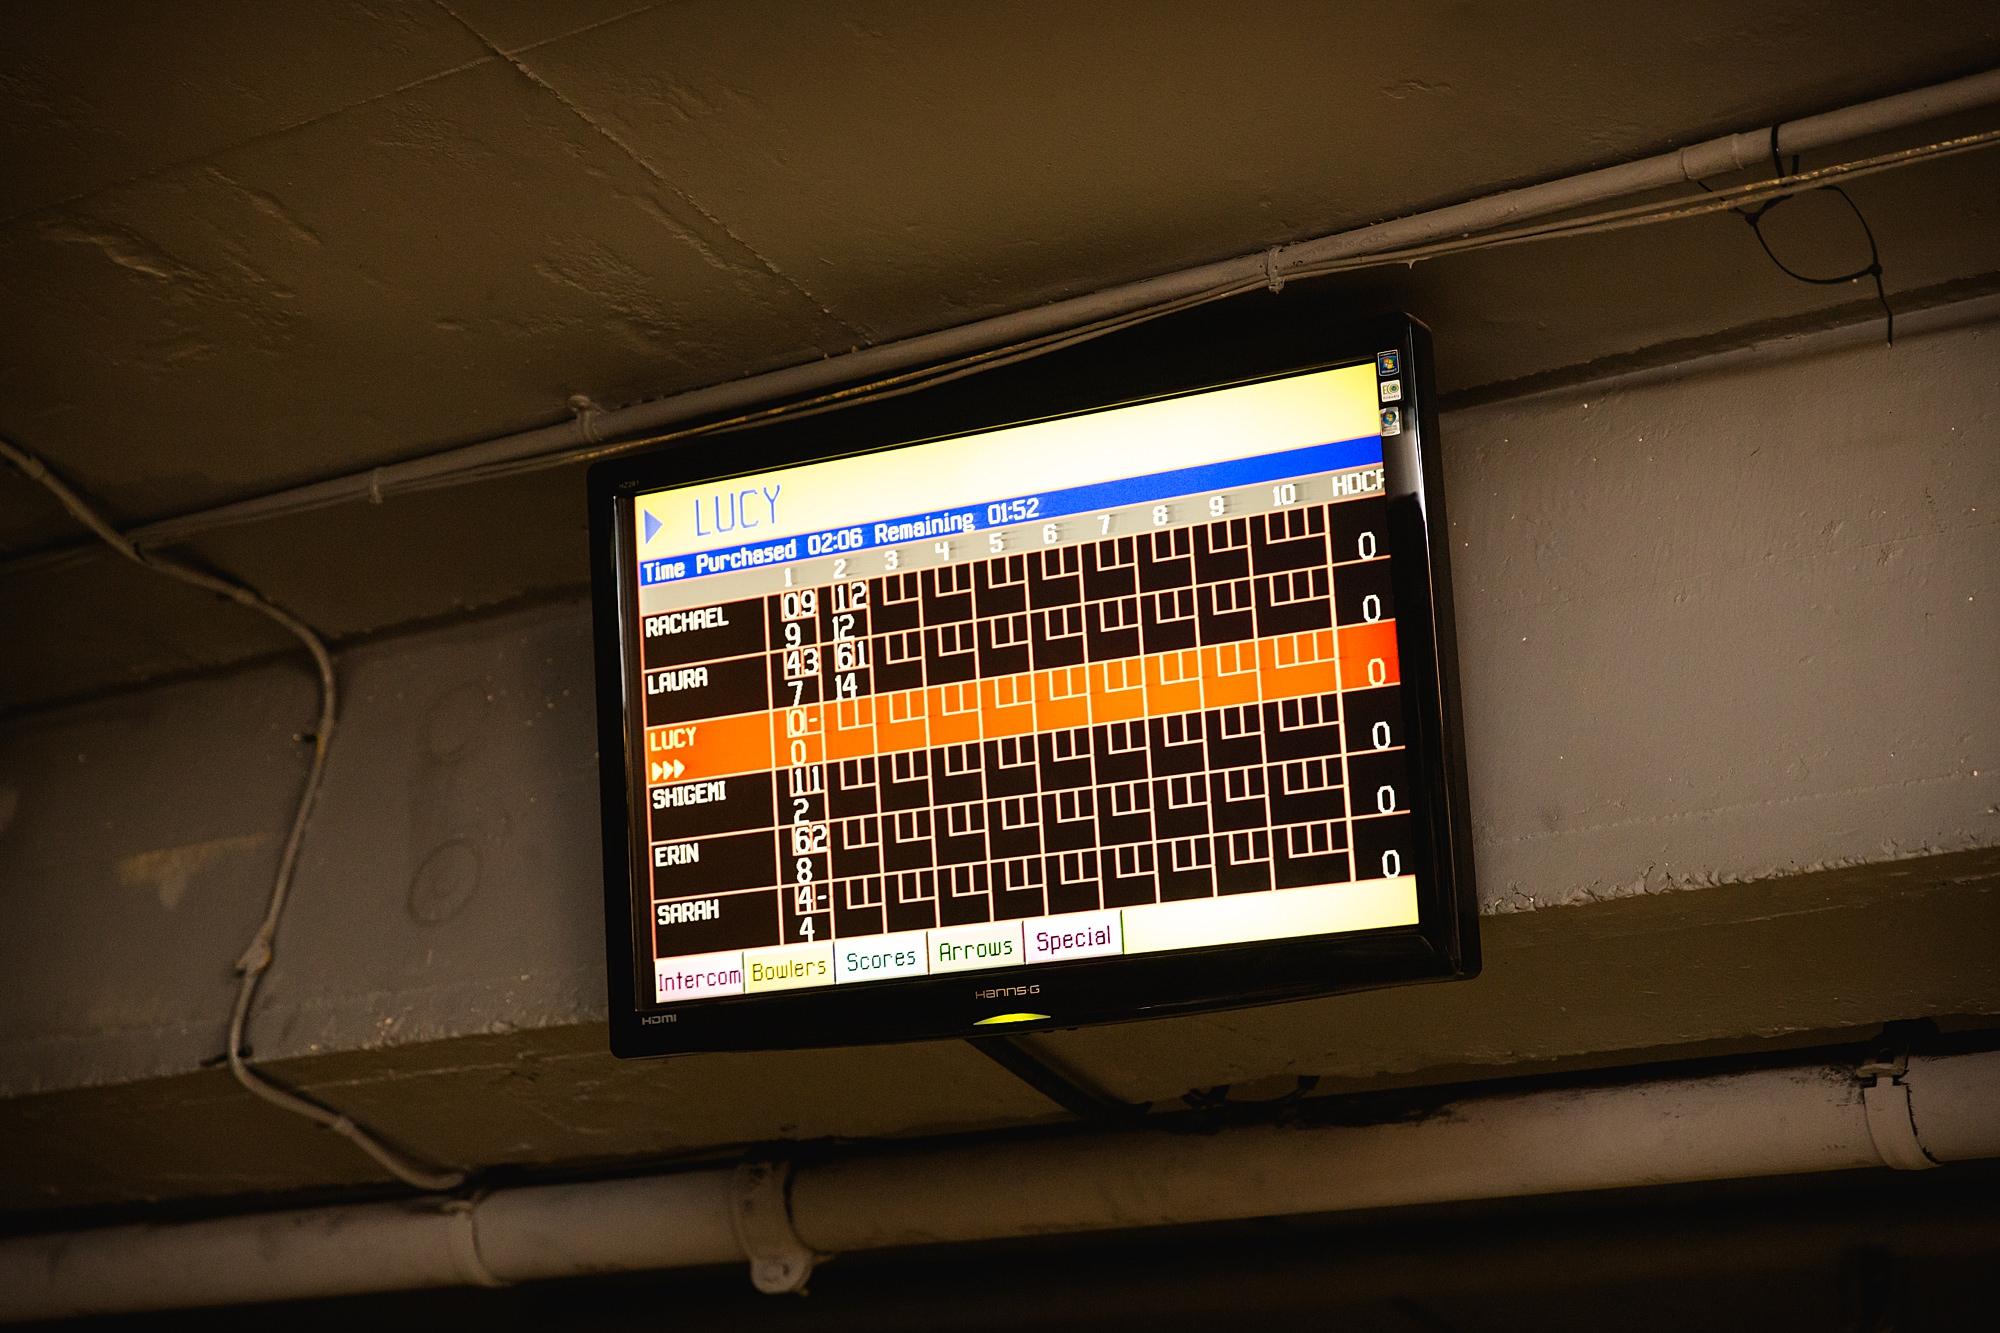 fun london wedding bowling score screen